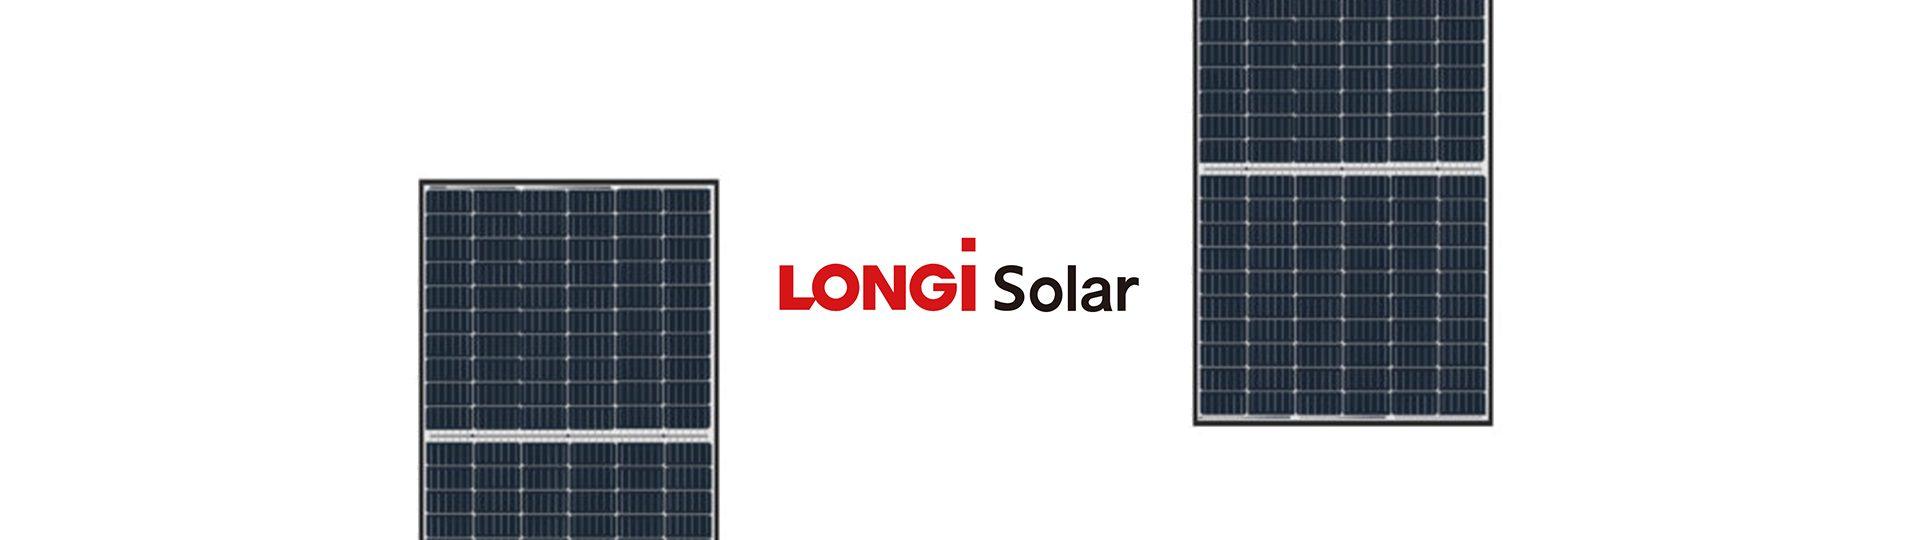 products-logo-carousel-longi